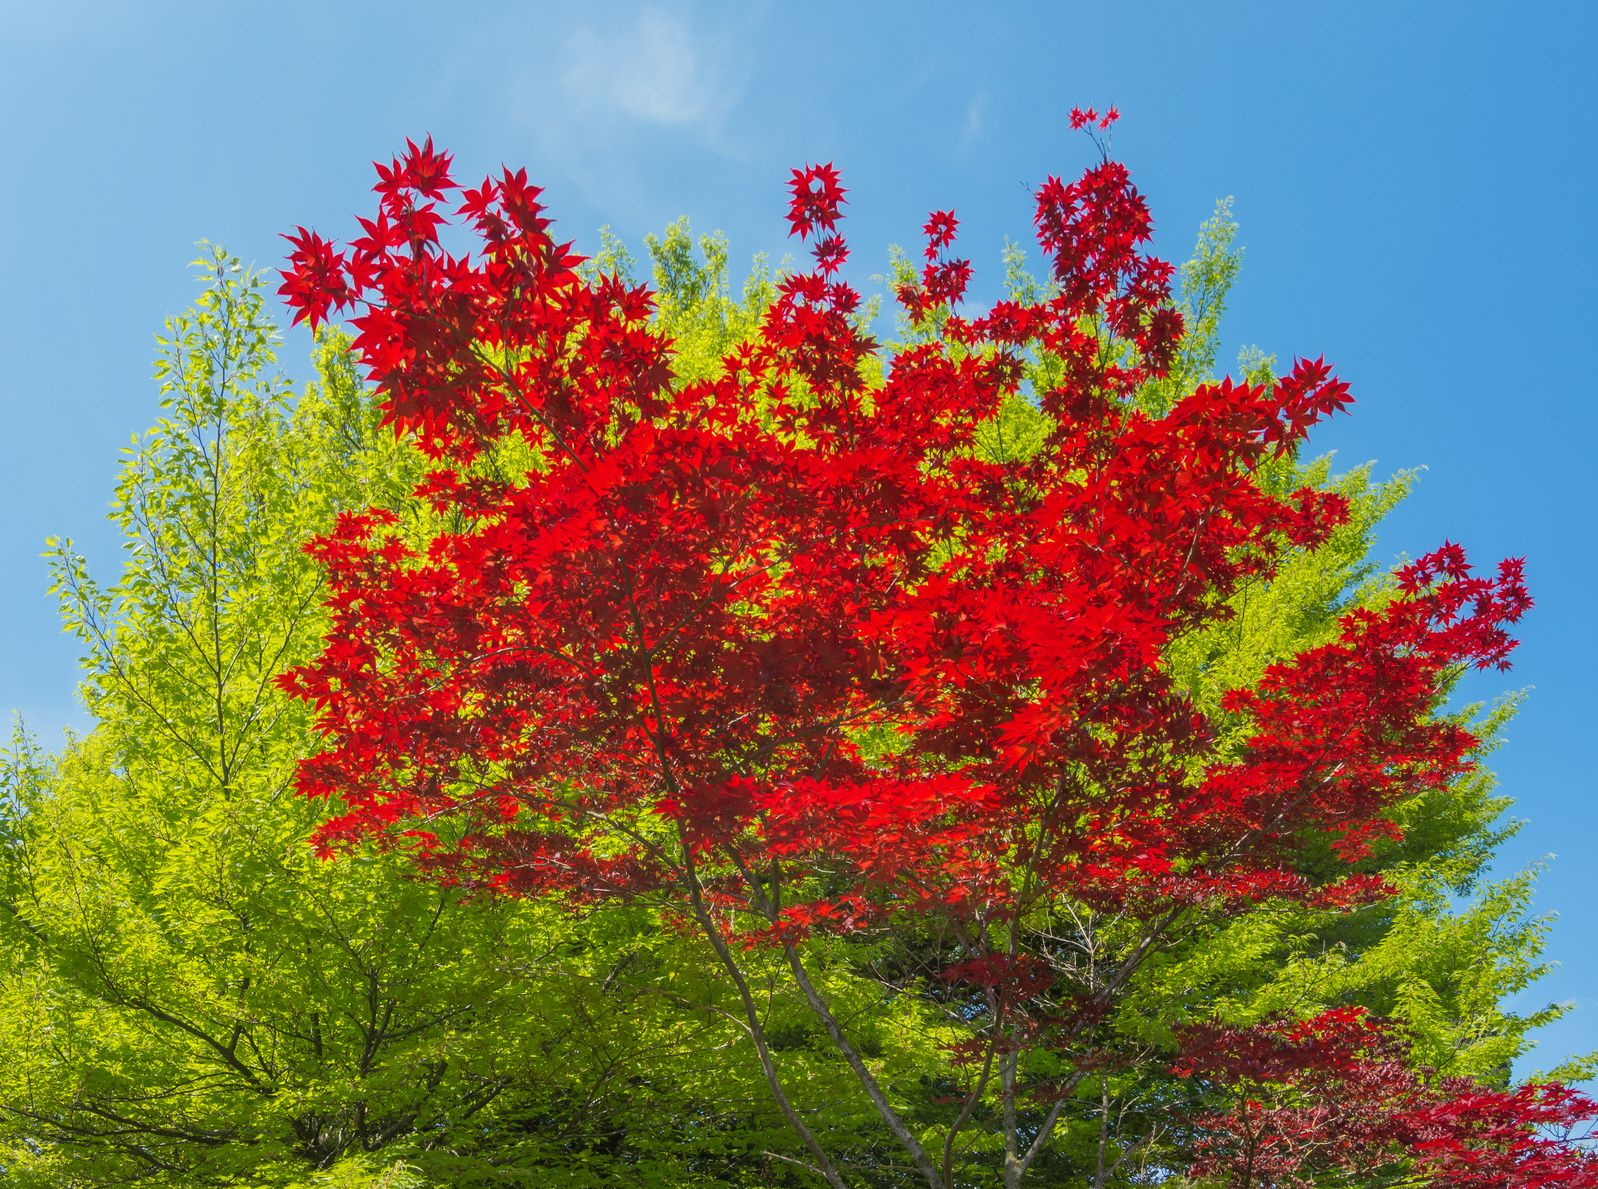 Jardin les feuilles mortes s 39 amassent la pelle for Jardin 7 17